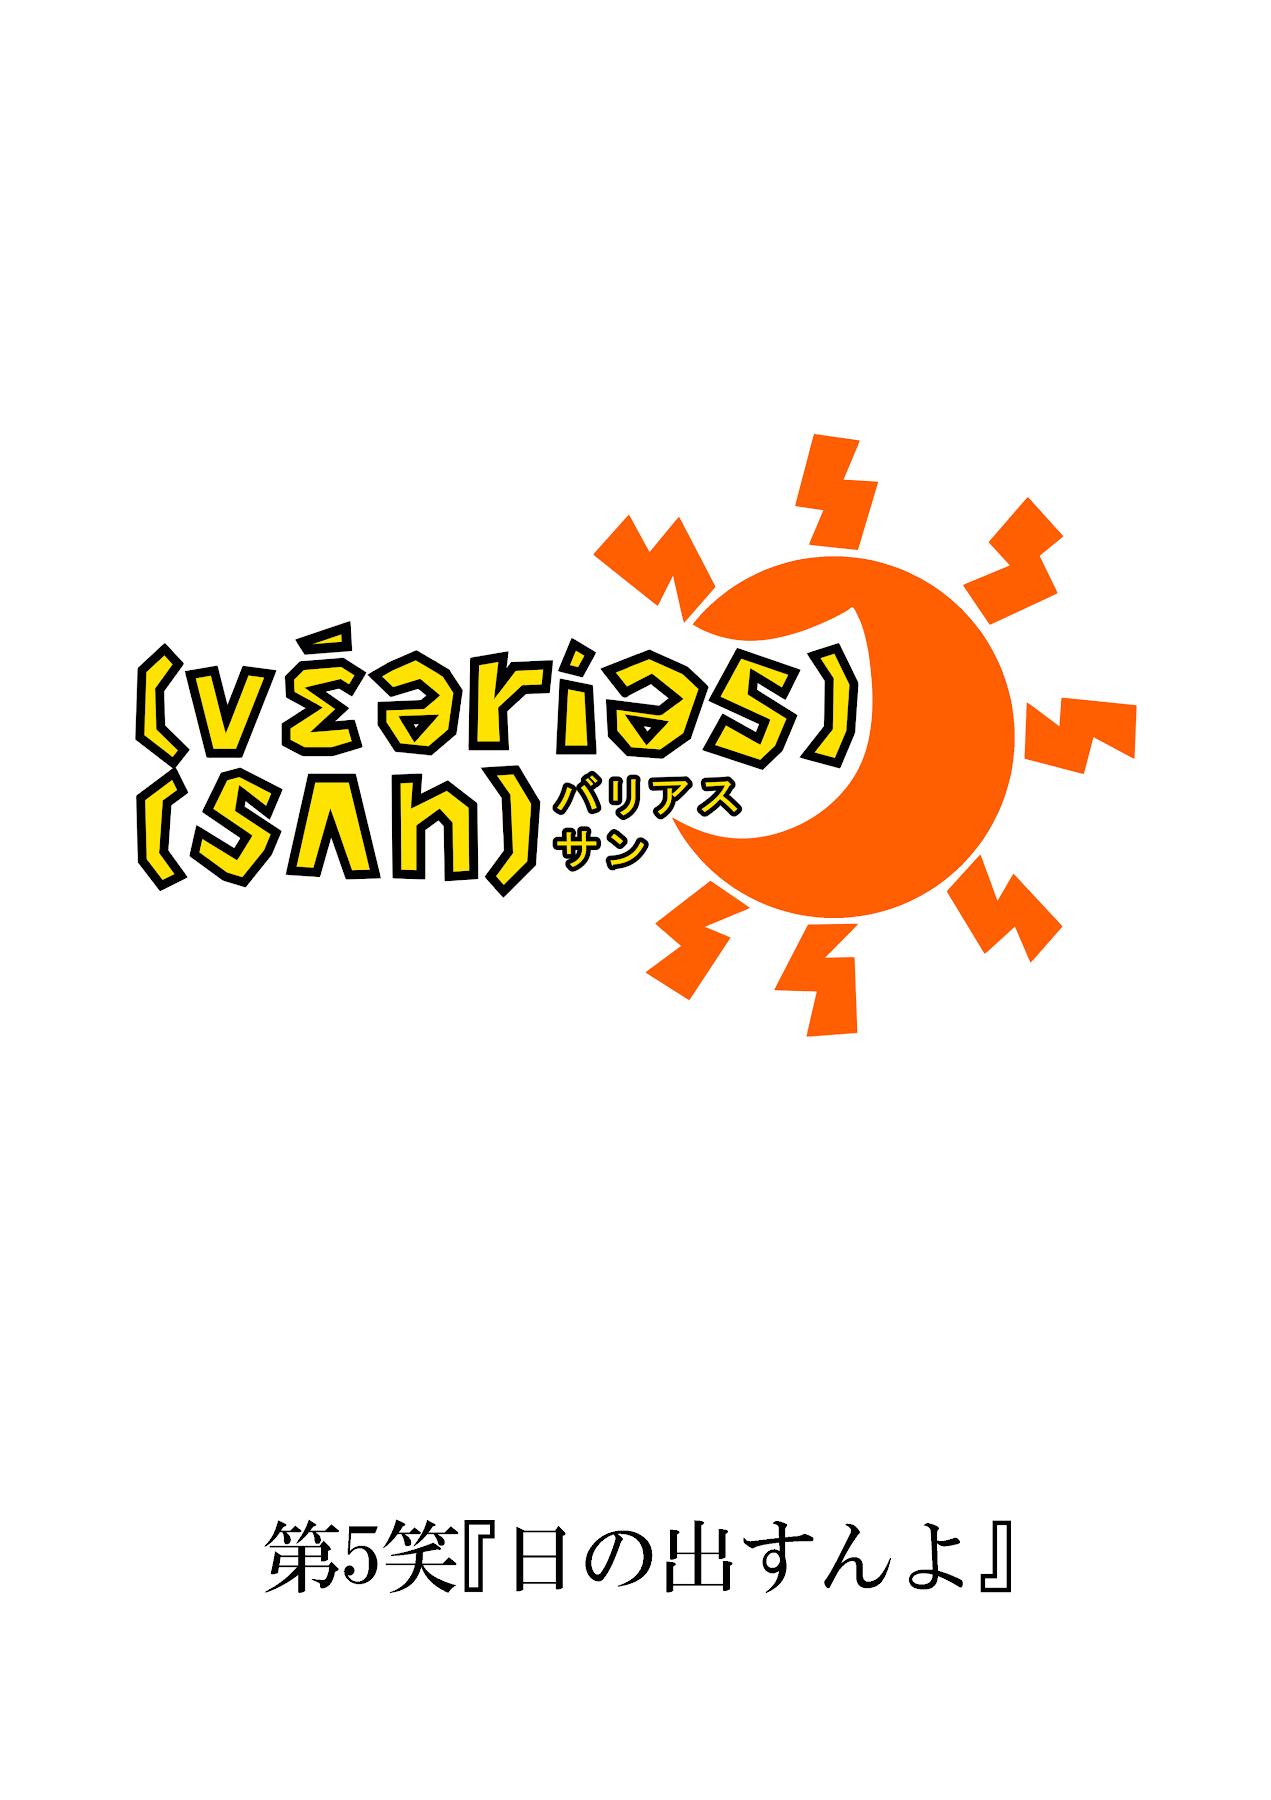 バリアス・サン5_01